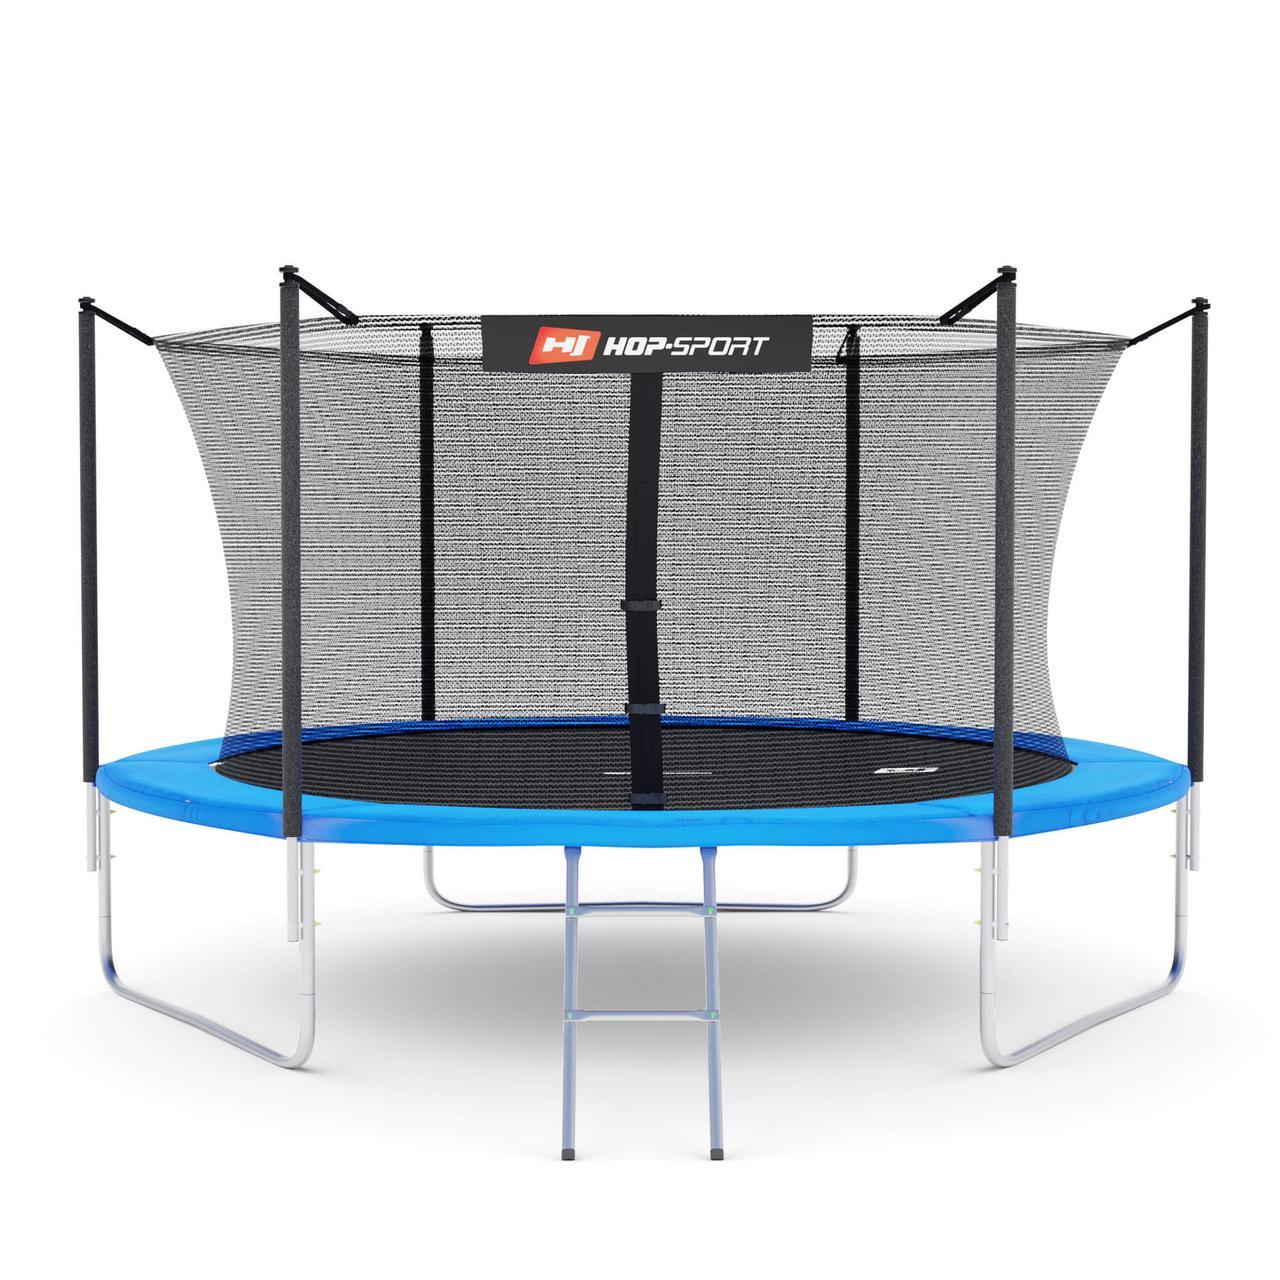 Батут Hop-Sport с нагрузкой до 150 кг 10ft (305cm) с внутренней сеткой, синий + Подарки